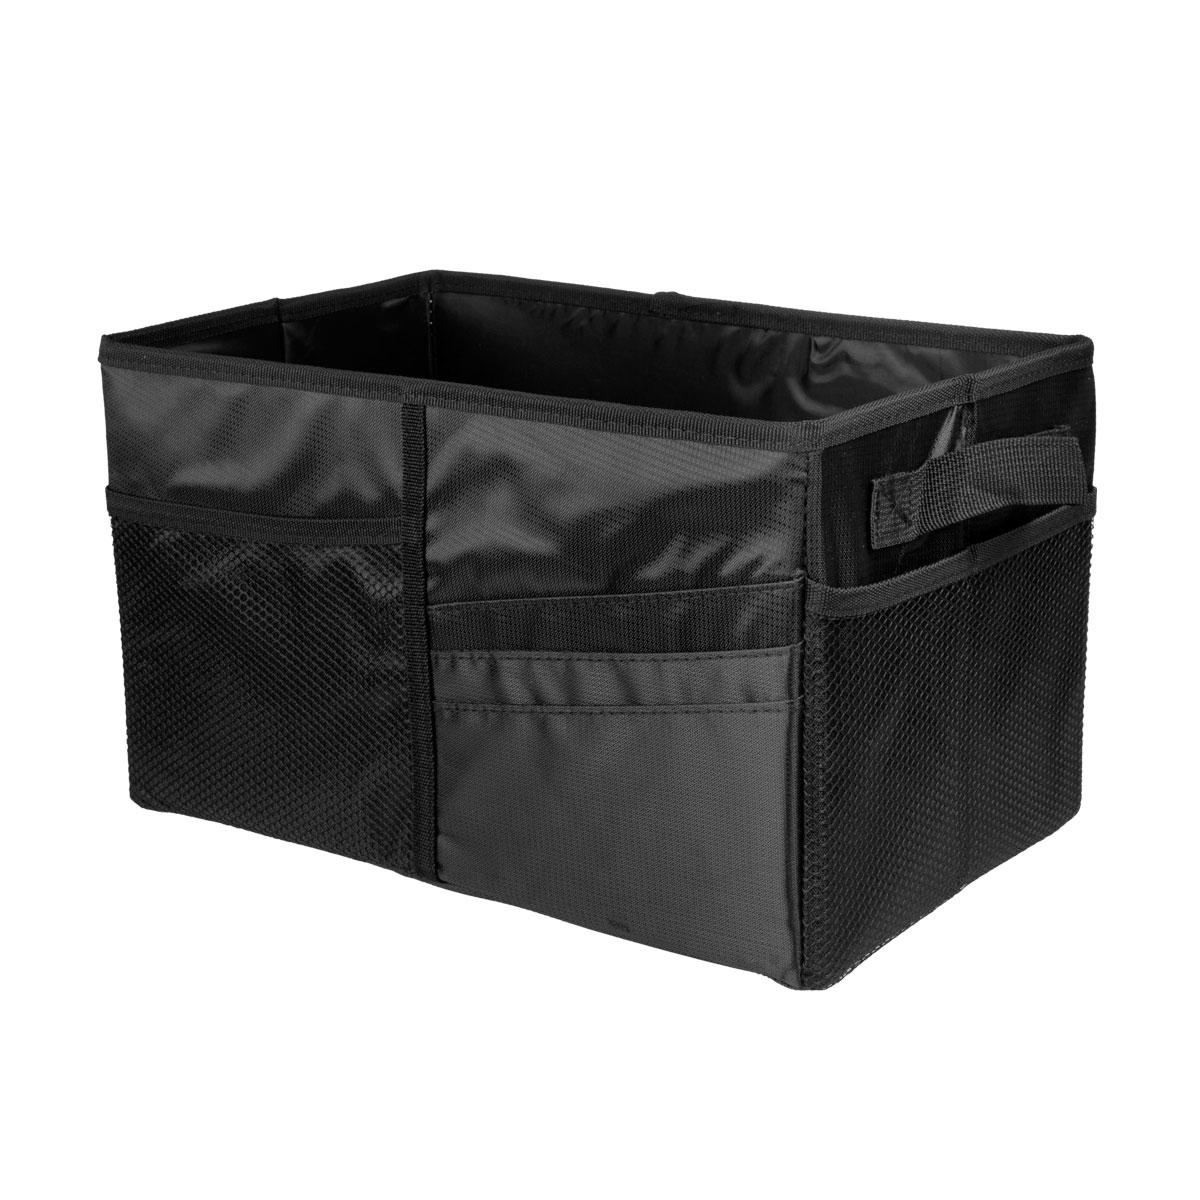 Автоорганайзер для хранения и перевозки Miolla, 35 х 20 х 20 см, цвет: черный